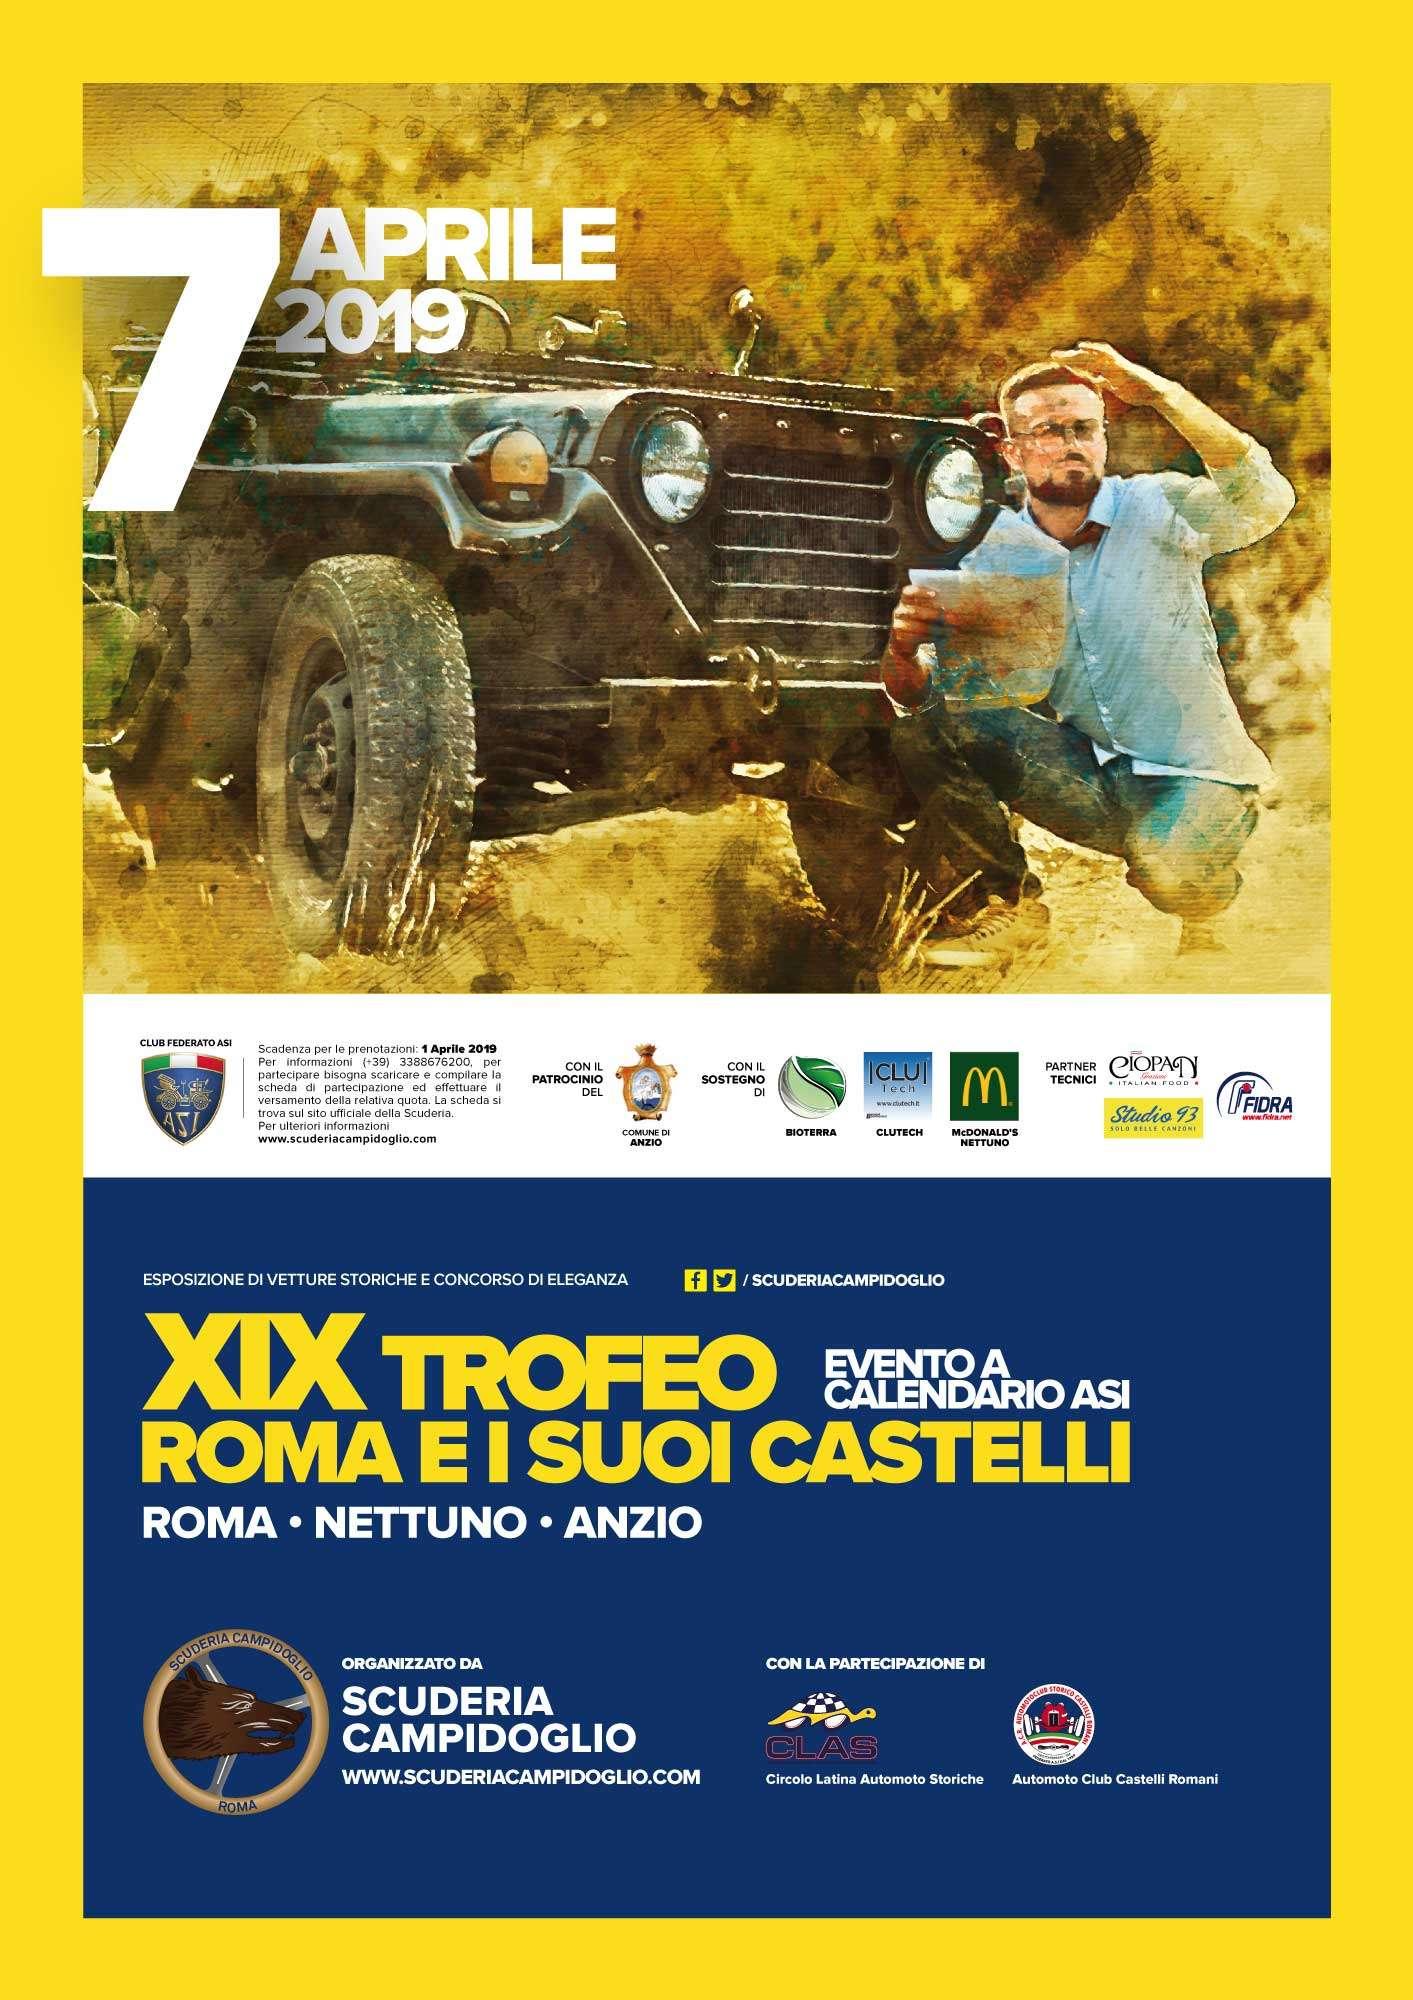 Locandina Ufficiale XIX Trofeo Roma e i suoi Castelli Informazioni Evento